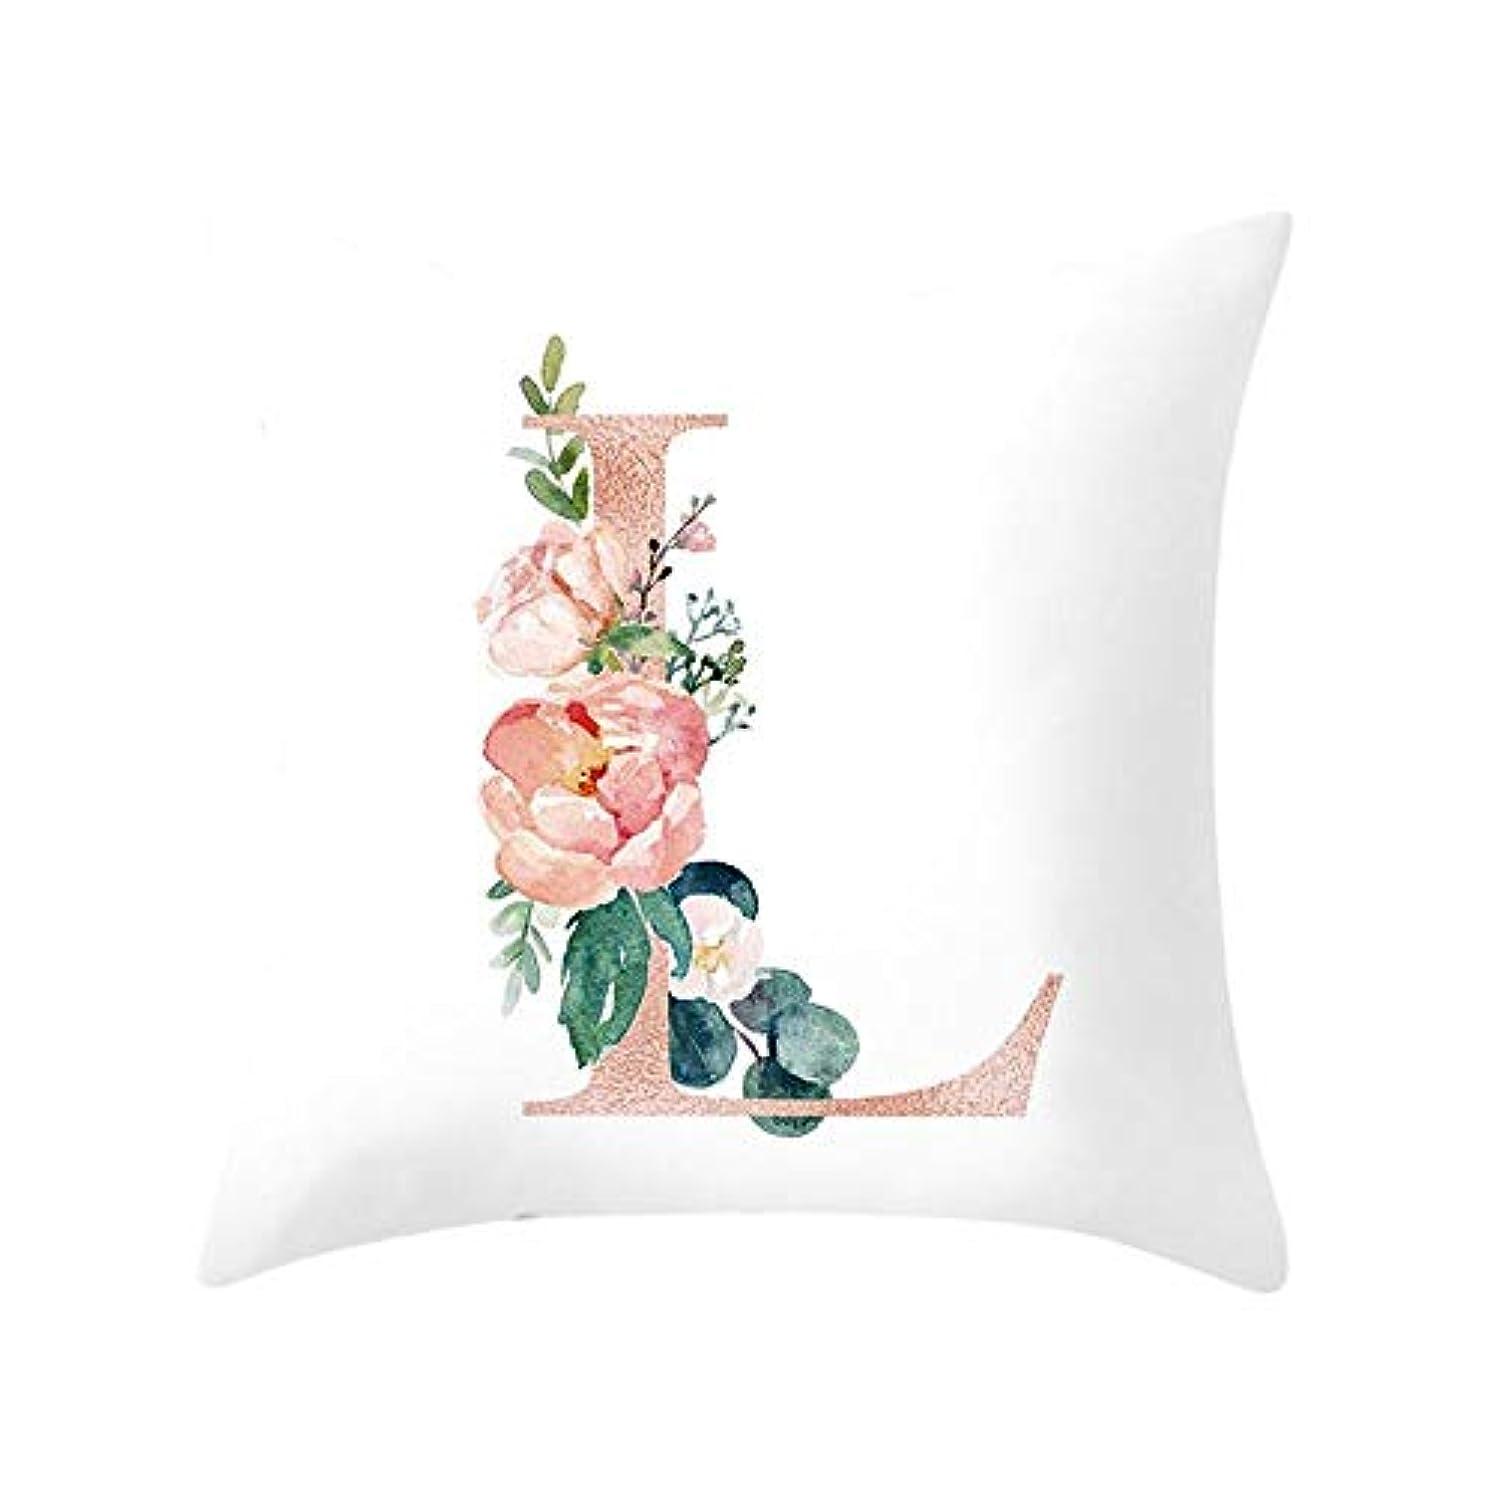 単に不道徳値LIFE 装飾クッションソファ手紙枕アルファベットクッション印刷ソファ家の装飾の花枕 coussin decoratif クッション 椅子